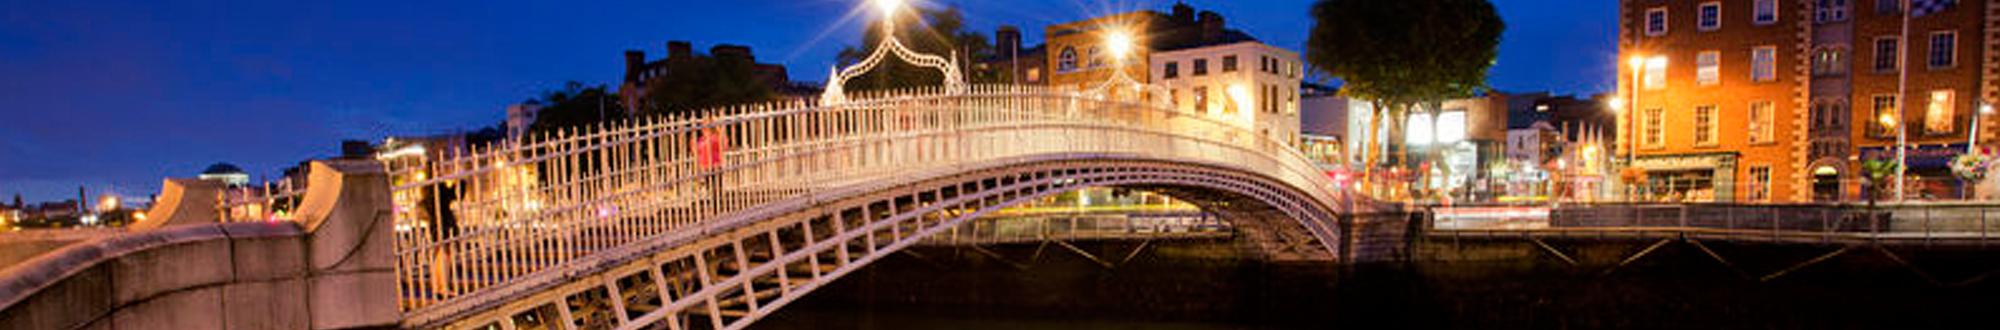 Ha'apenny Bridge Dublin